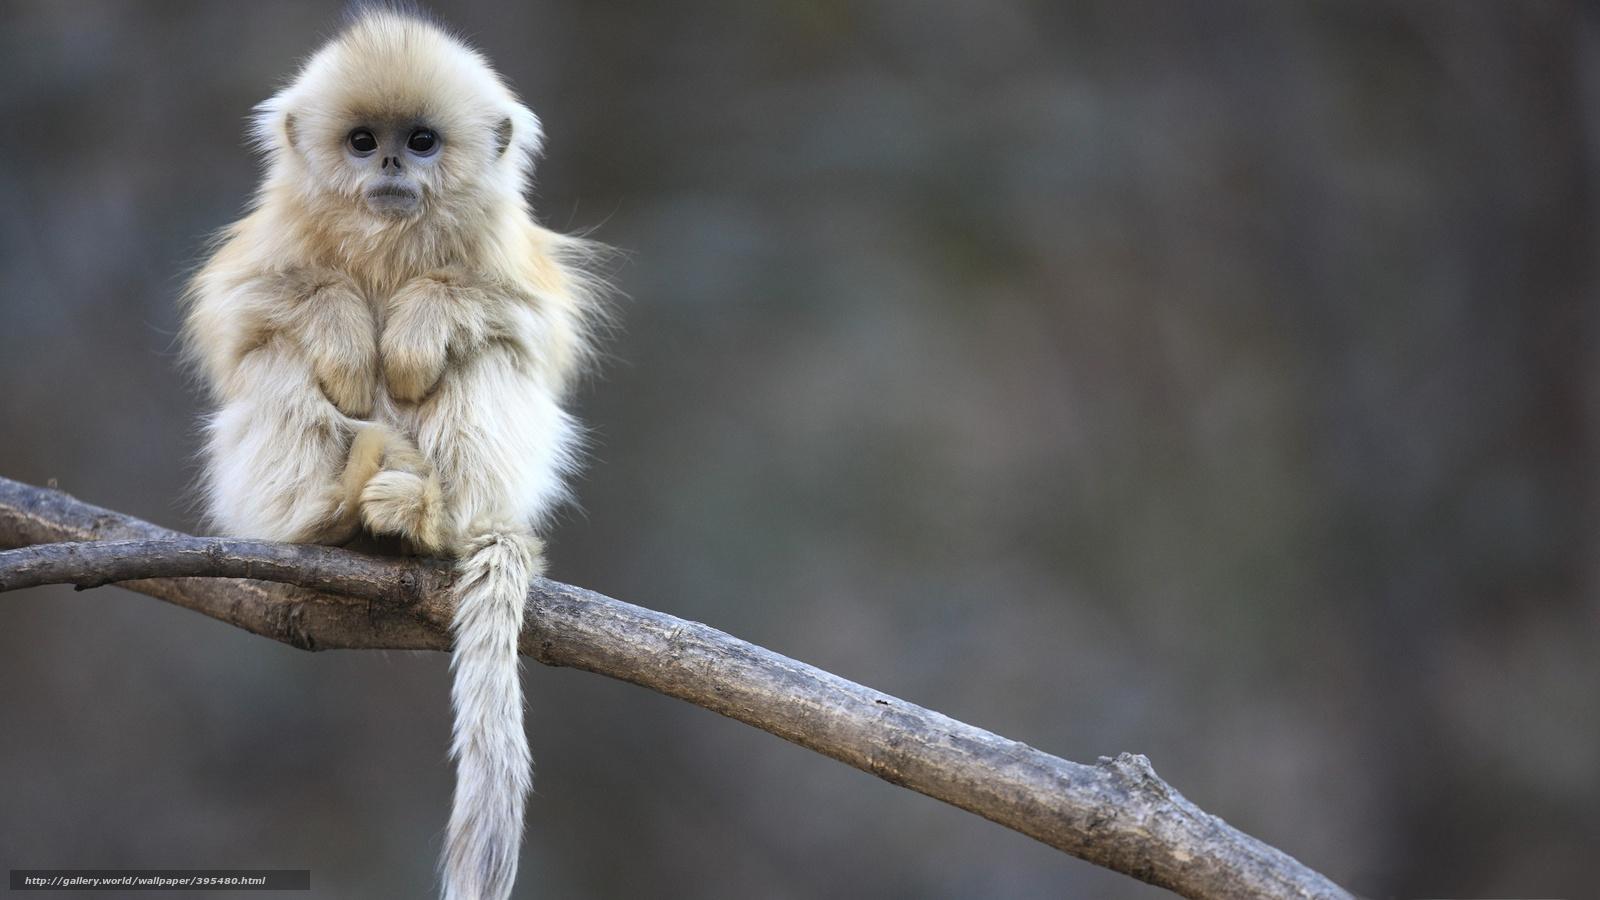 Scaricare Gli Sfondi Bianco Scimmia Divertente Sfondi Gratis Per